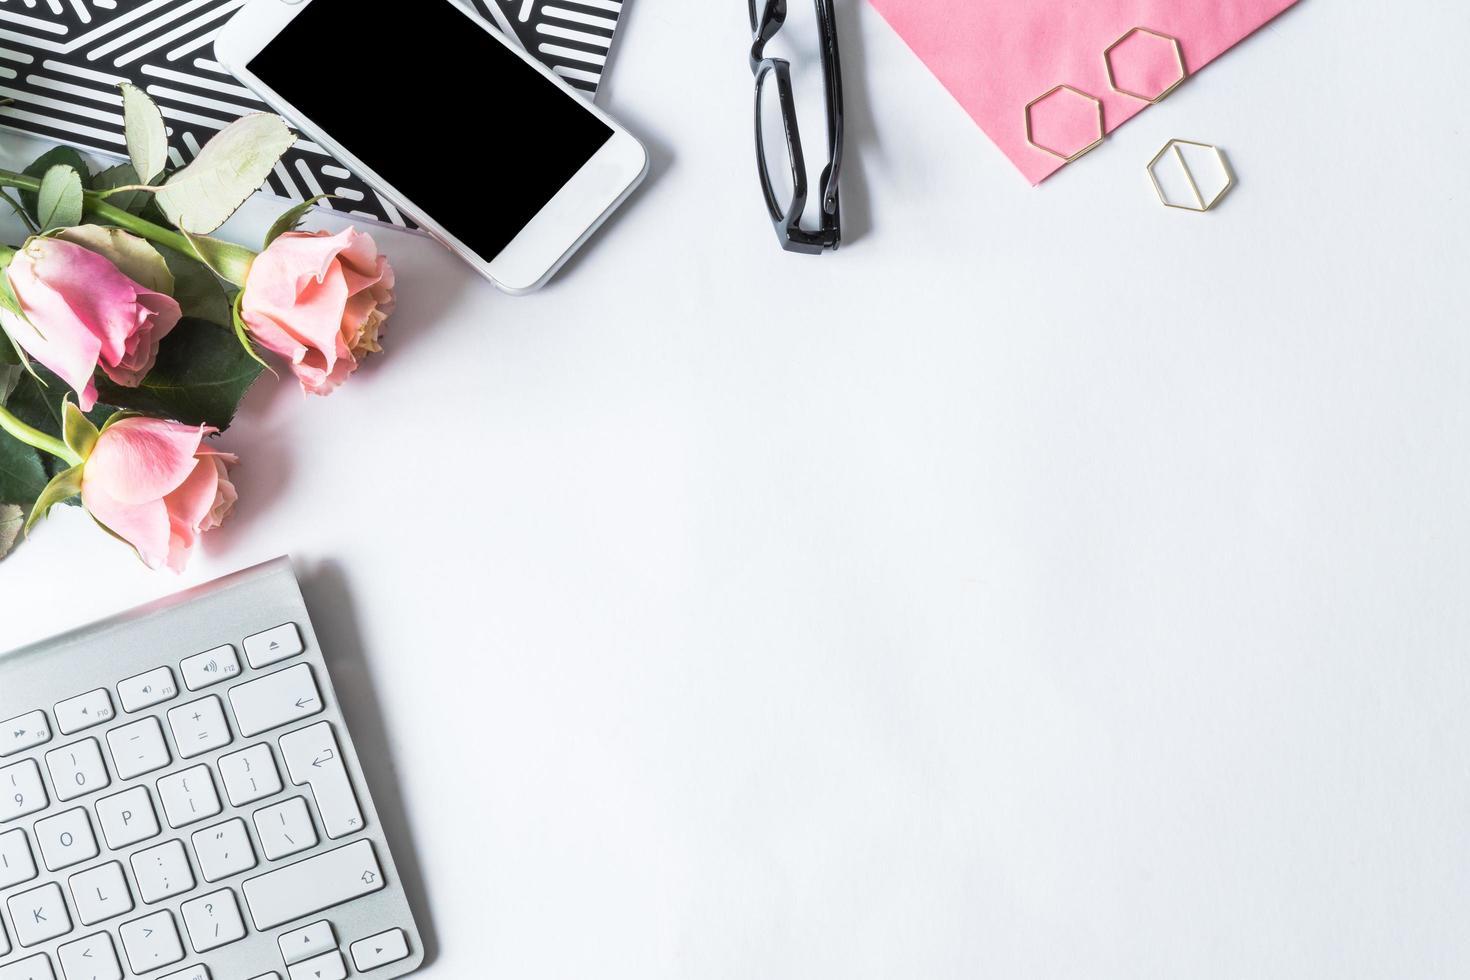 configuração plana com teclado, telefone, flores e óculos foto